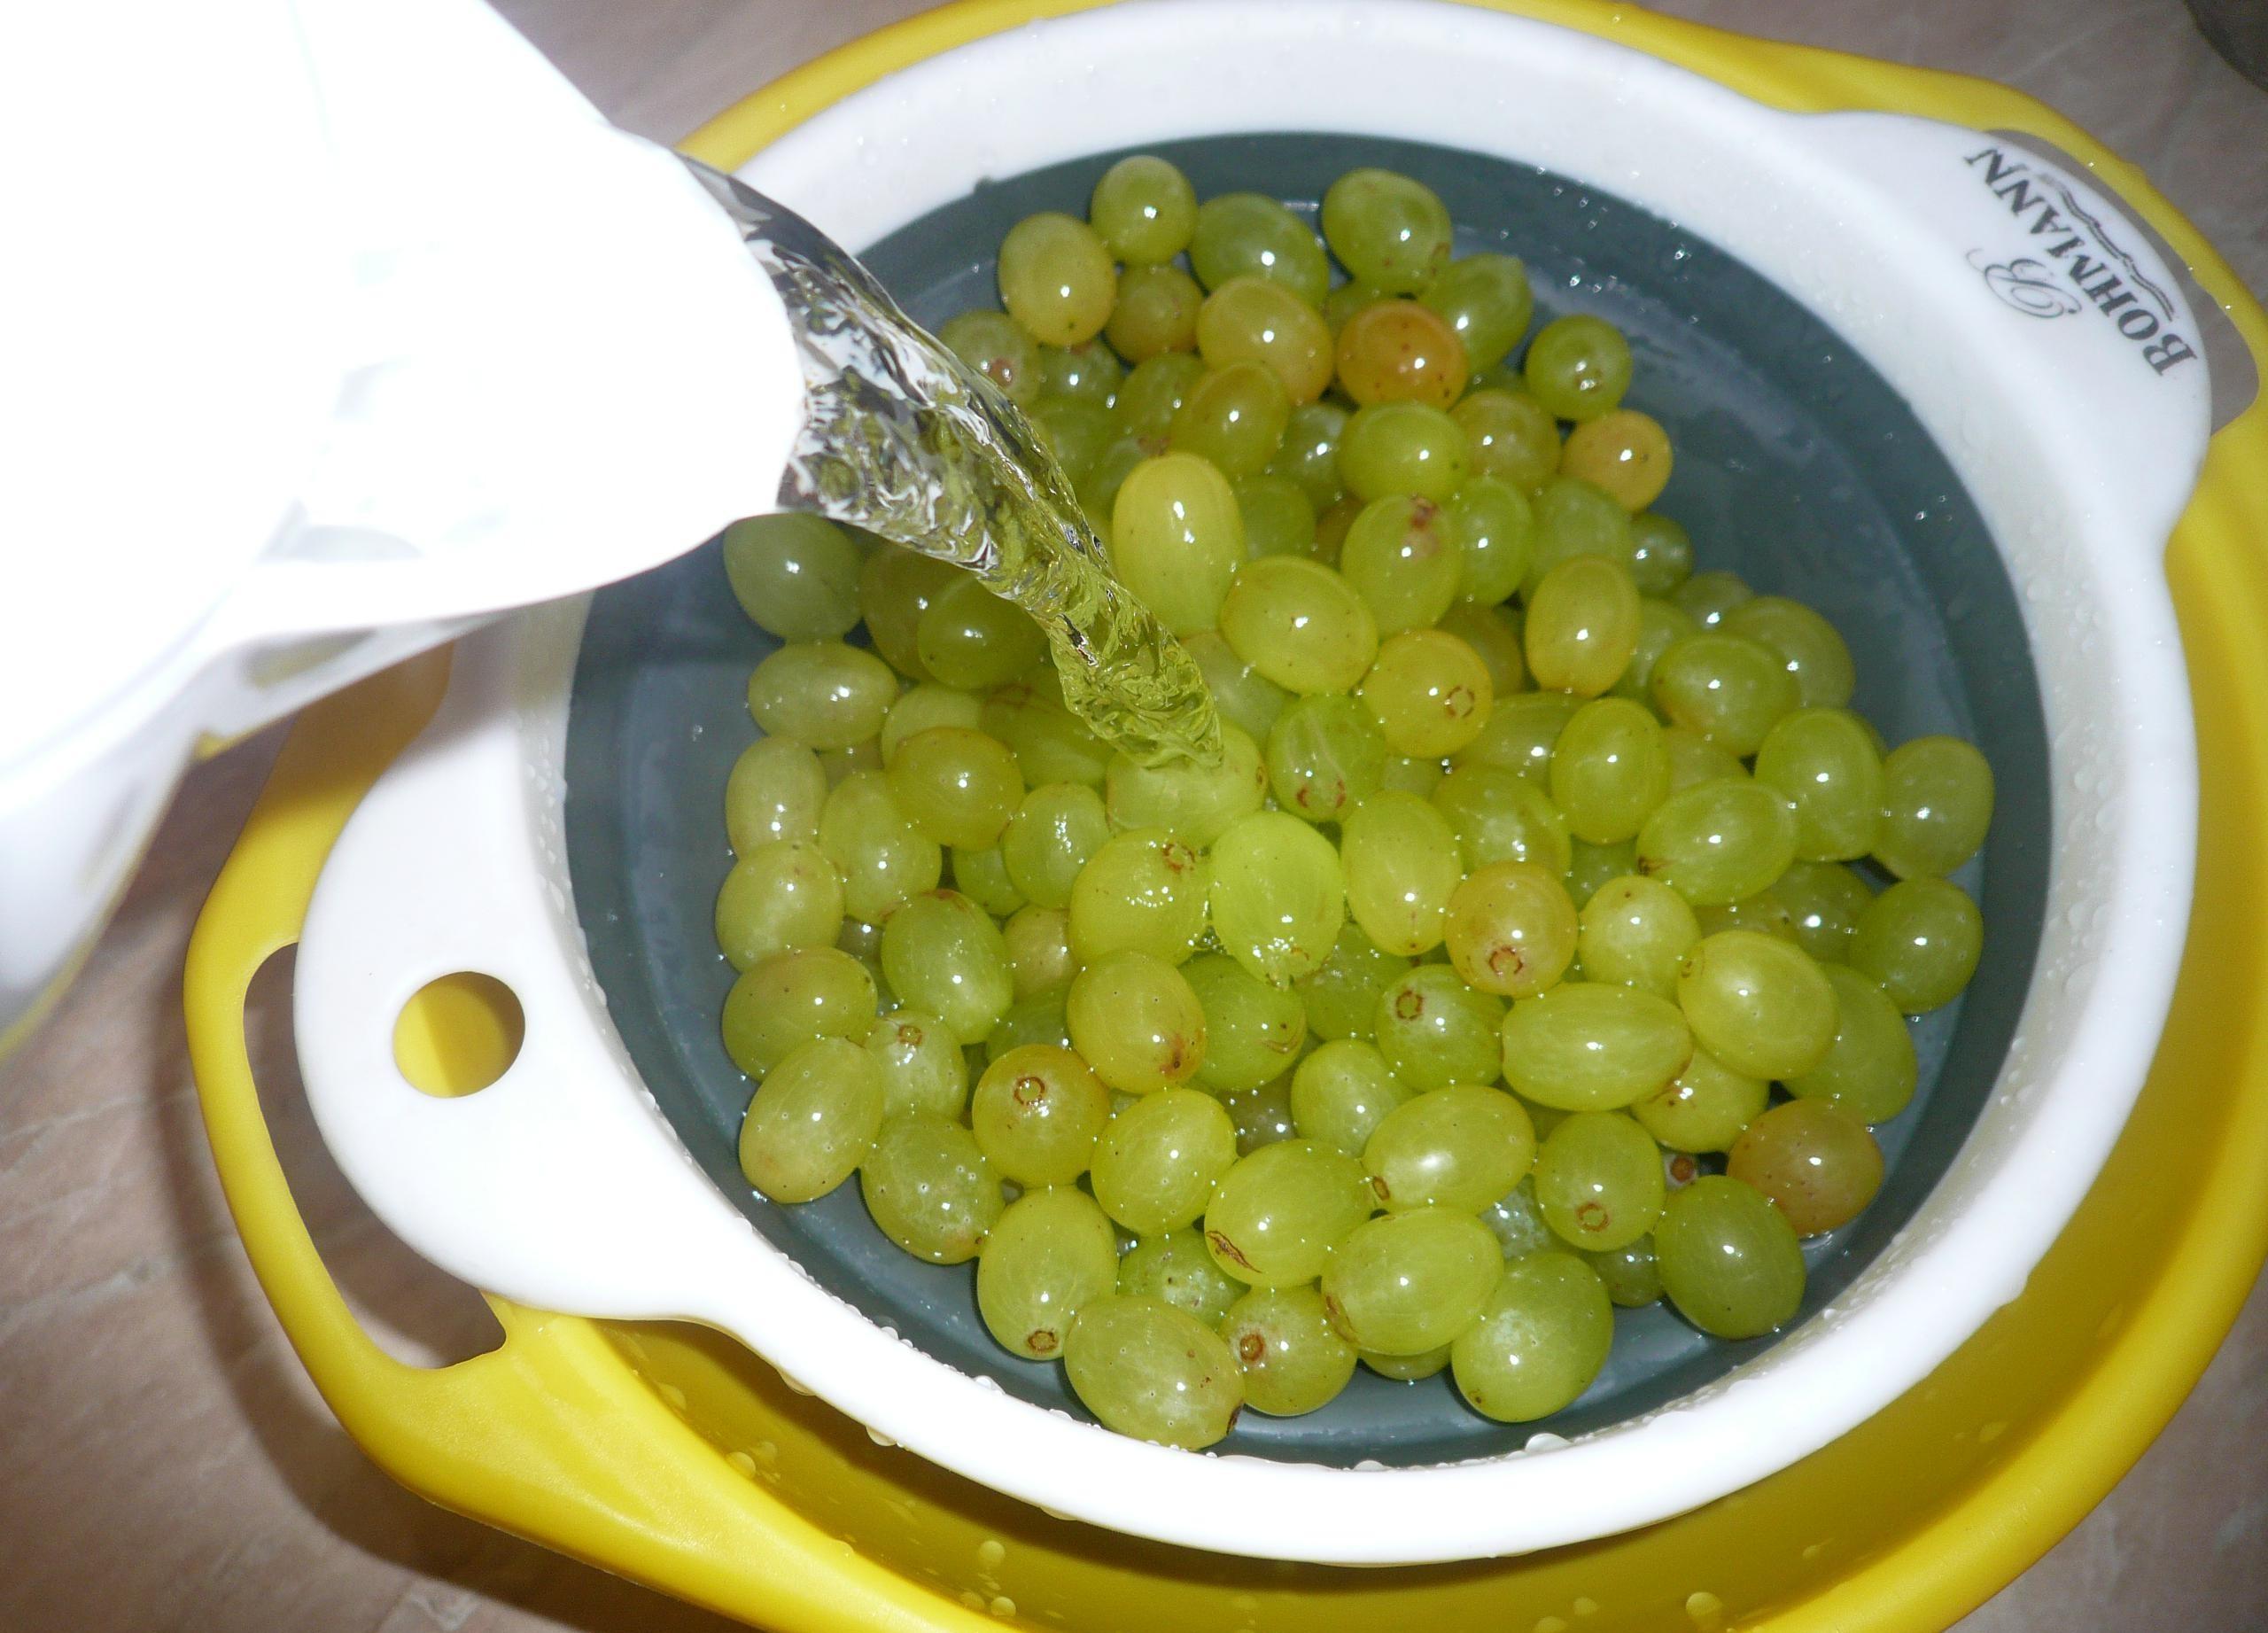 Как сделать изюм из винограда в домашних условиях быстро